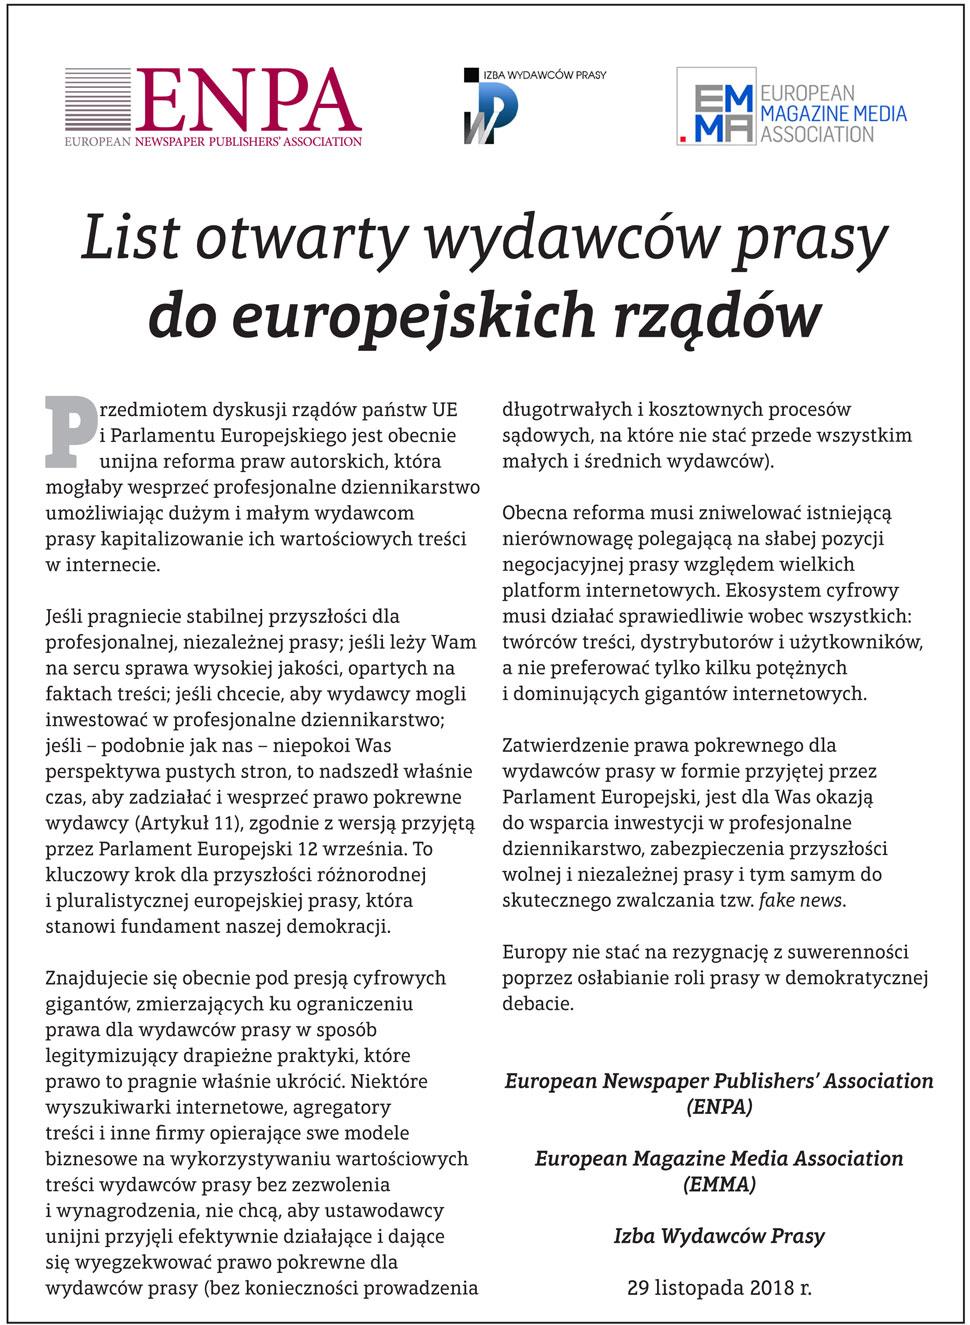 List otwarty wydawców prasy do europejskich rządów - Zdjęcie główne